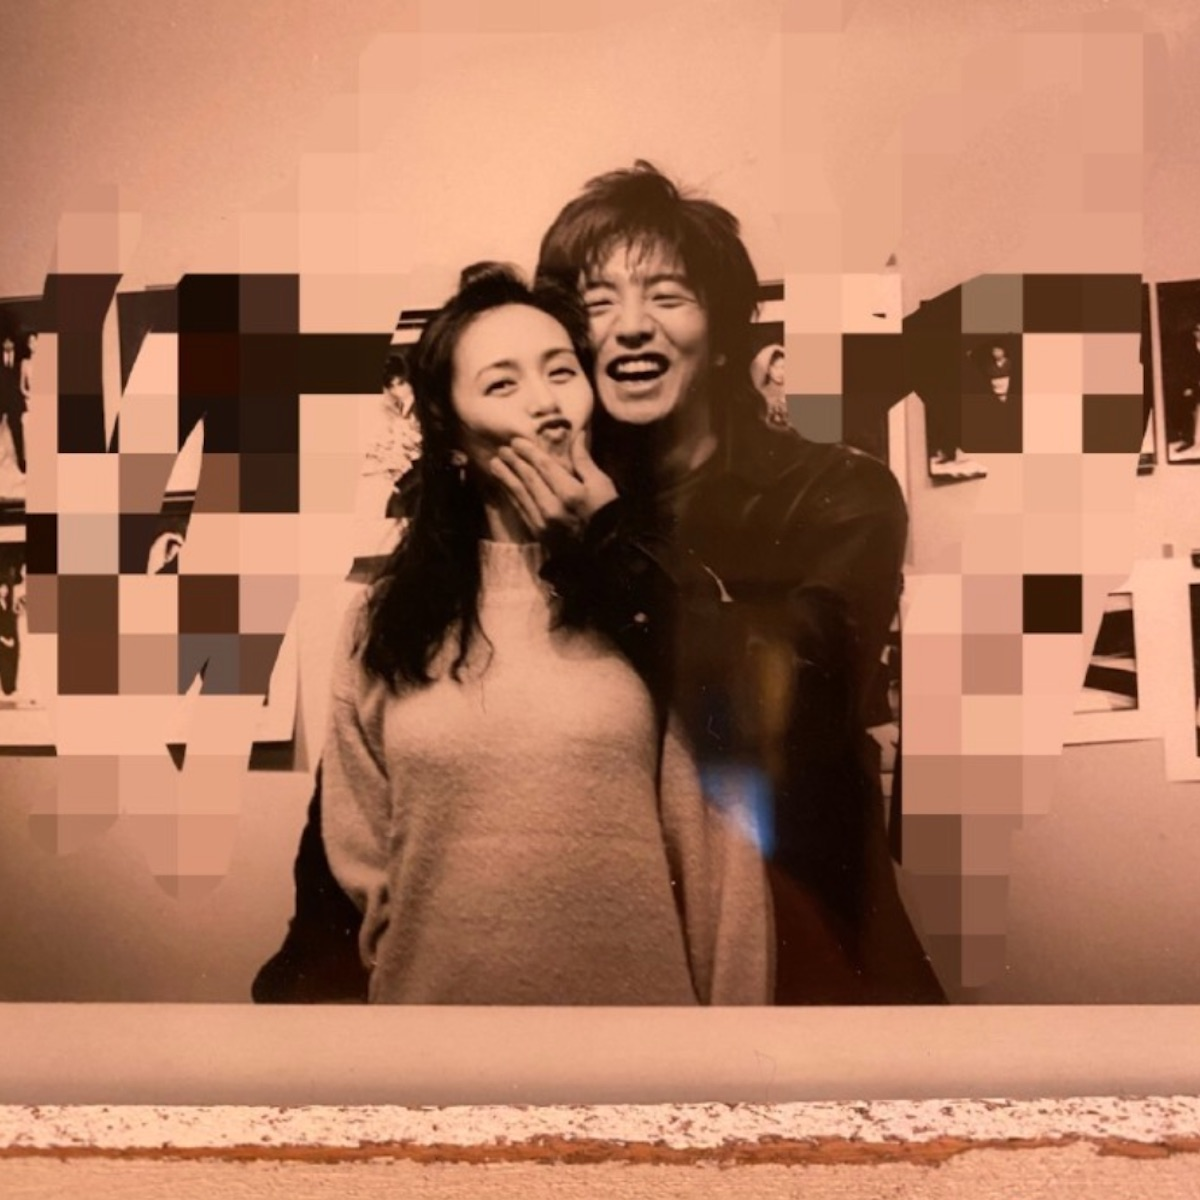 インスタ 静香 工藤静香の誕生日をCocomi&Kōki,が祝福 仲睦まじい動画、家族写真の投稿も